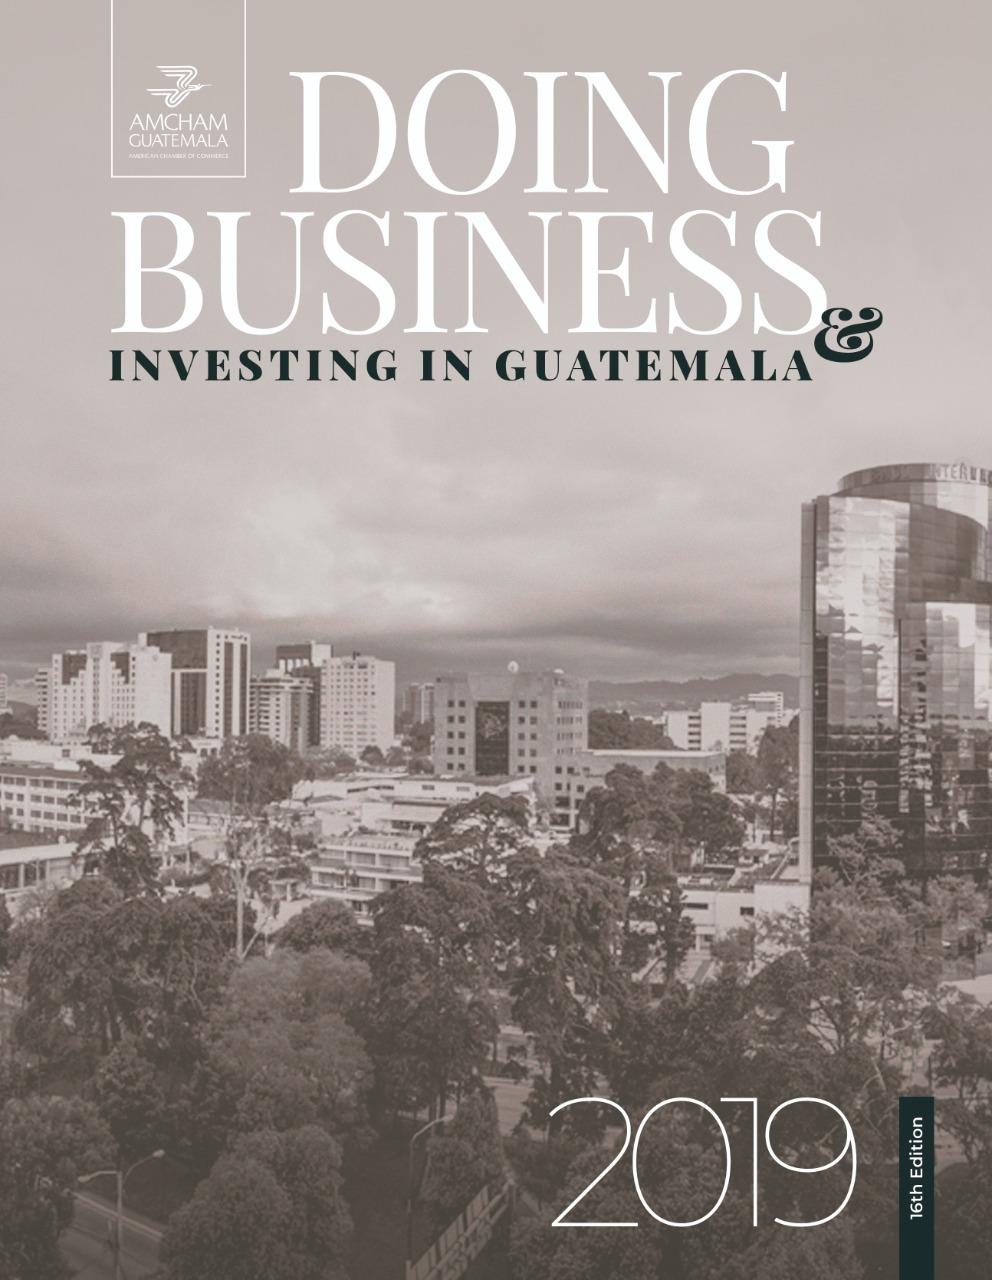 revista Doing Business 2019